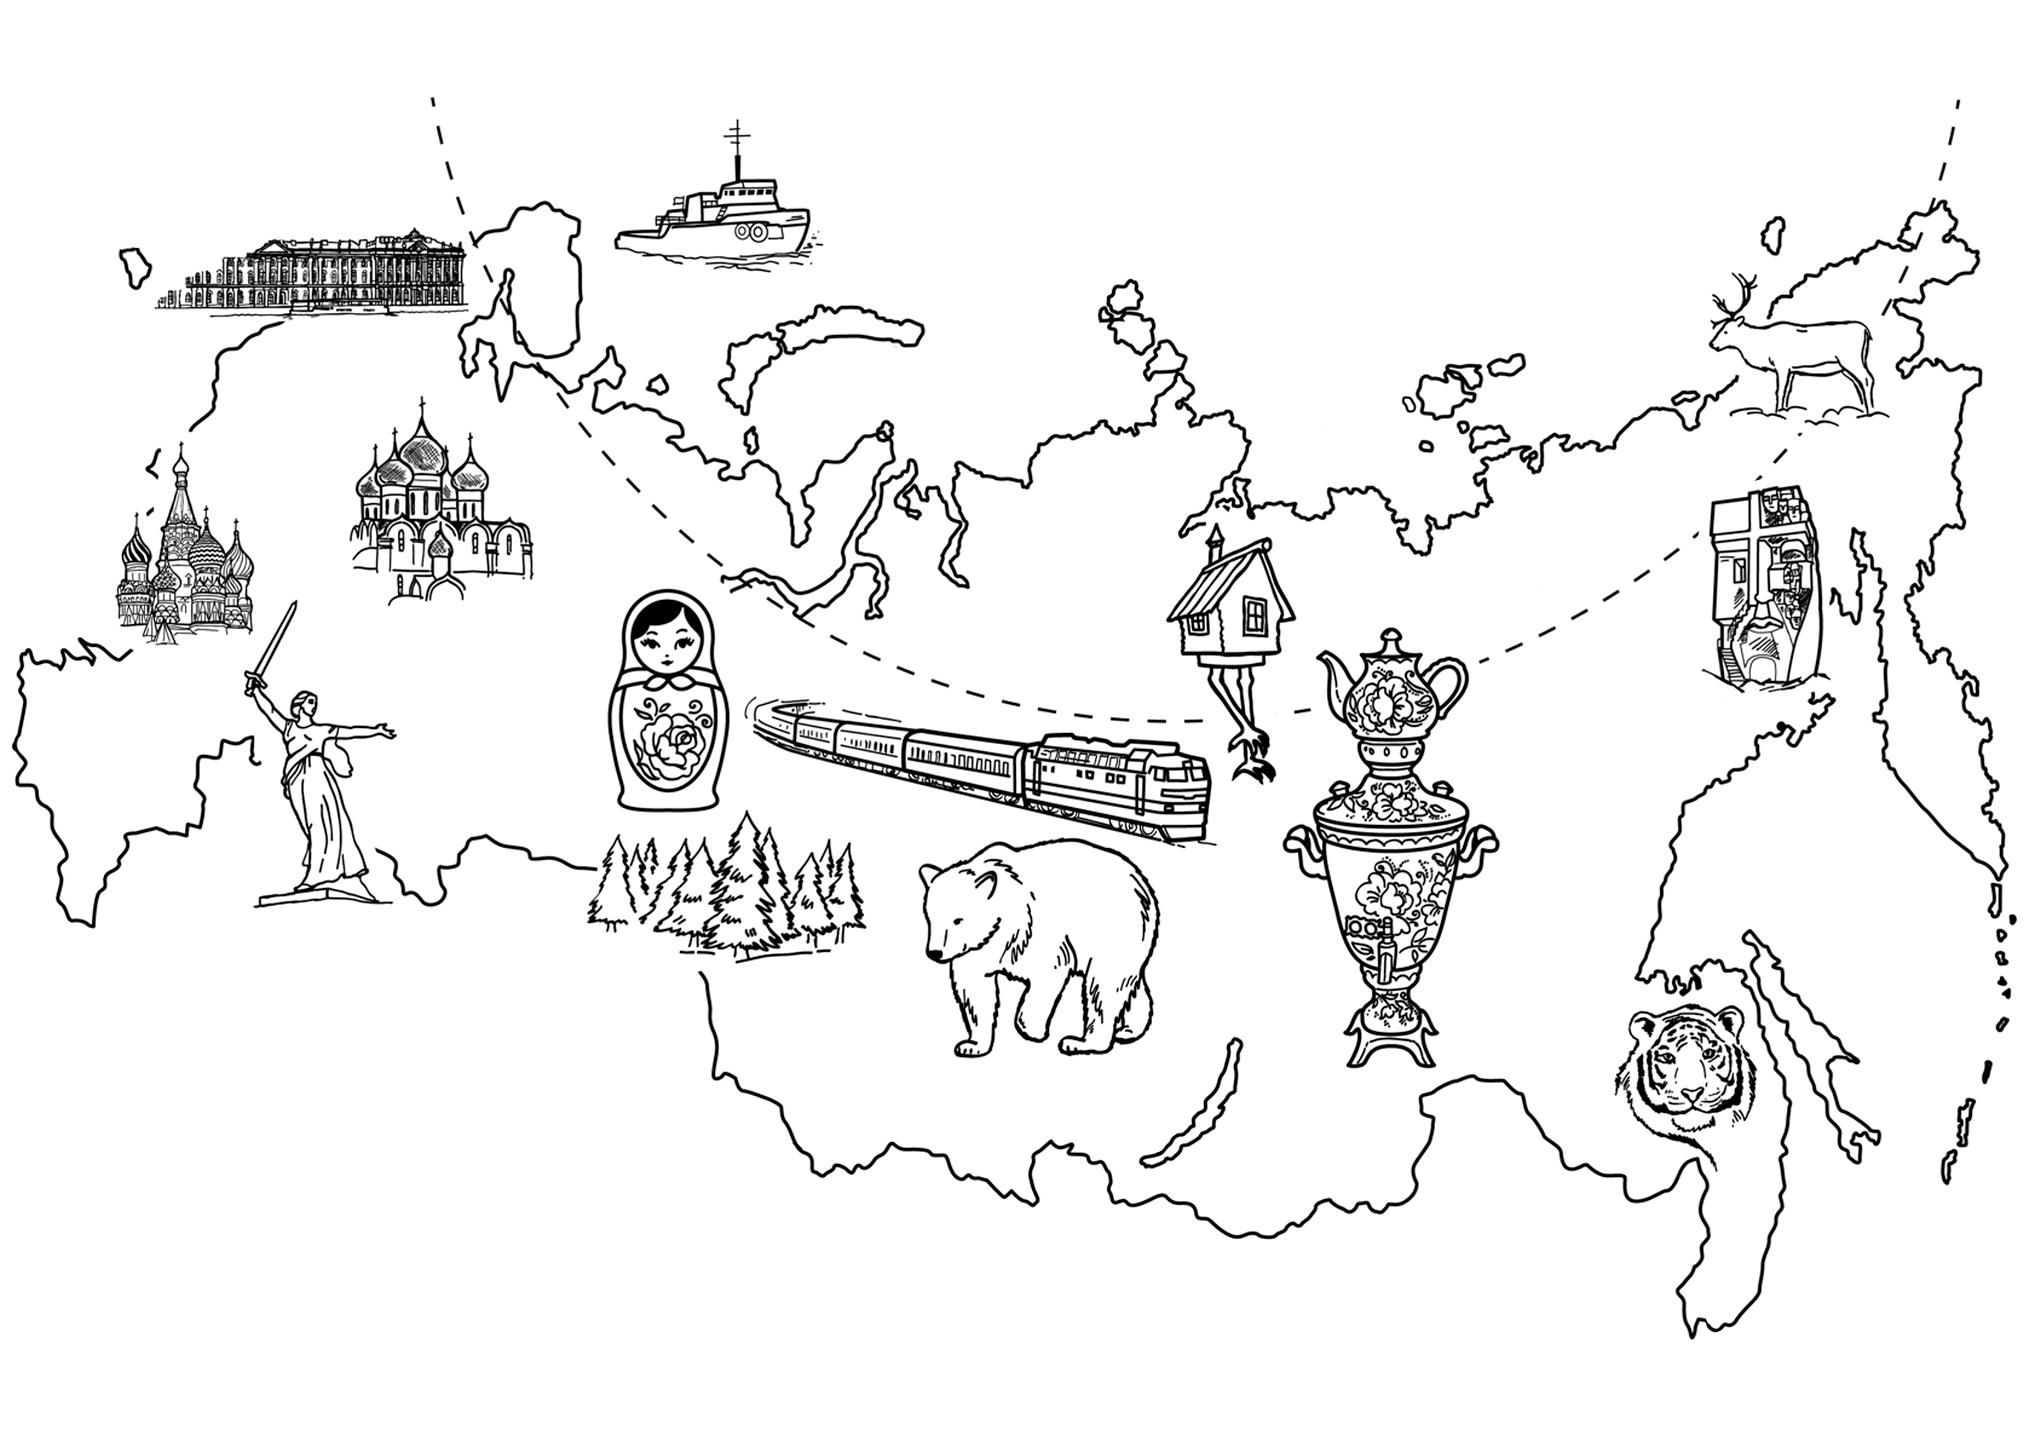 раскраска карта россии распечатать или скачать бесплатно